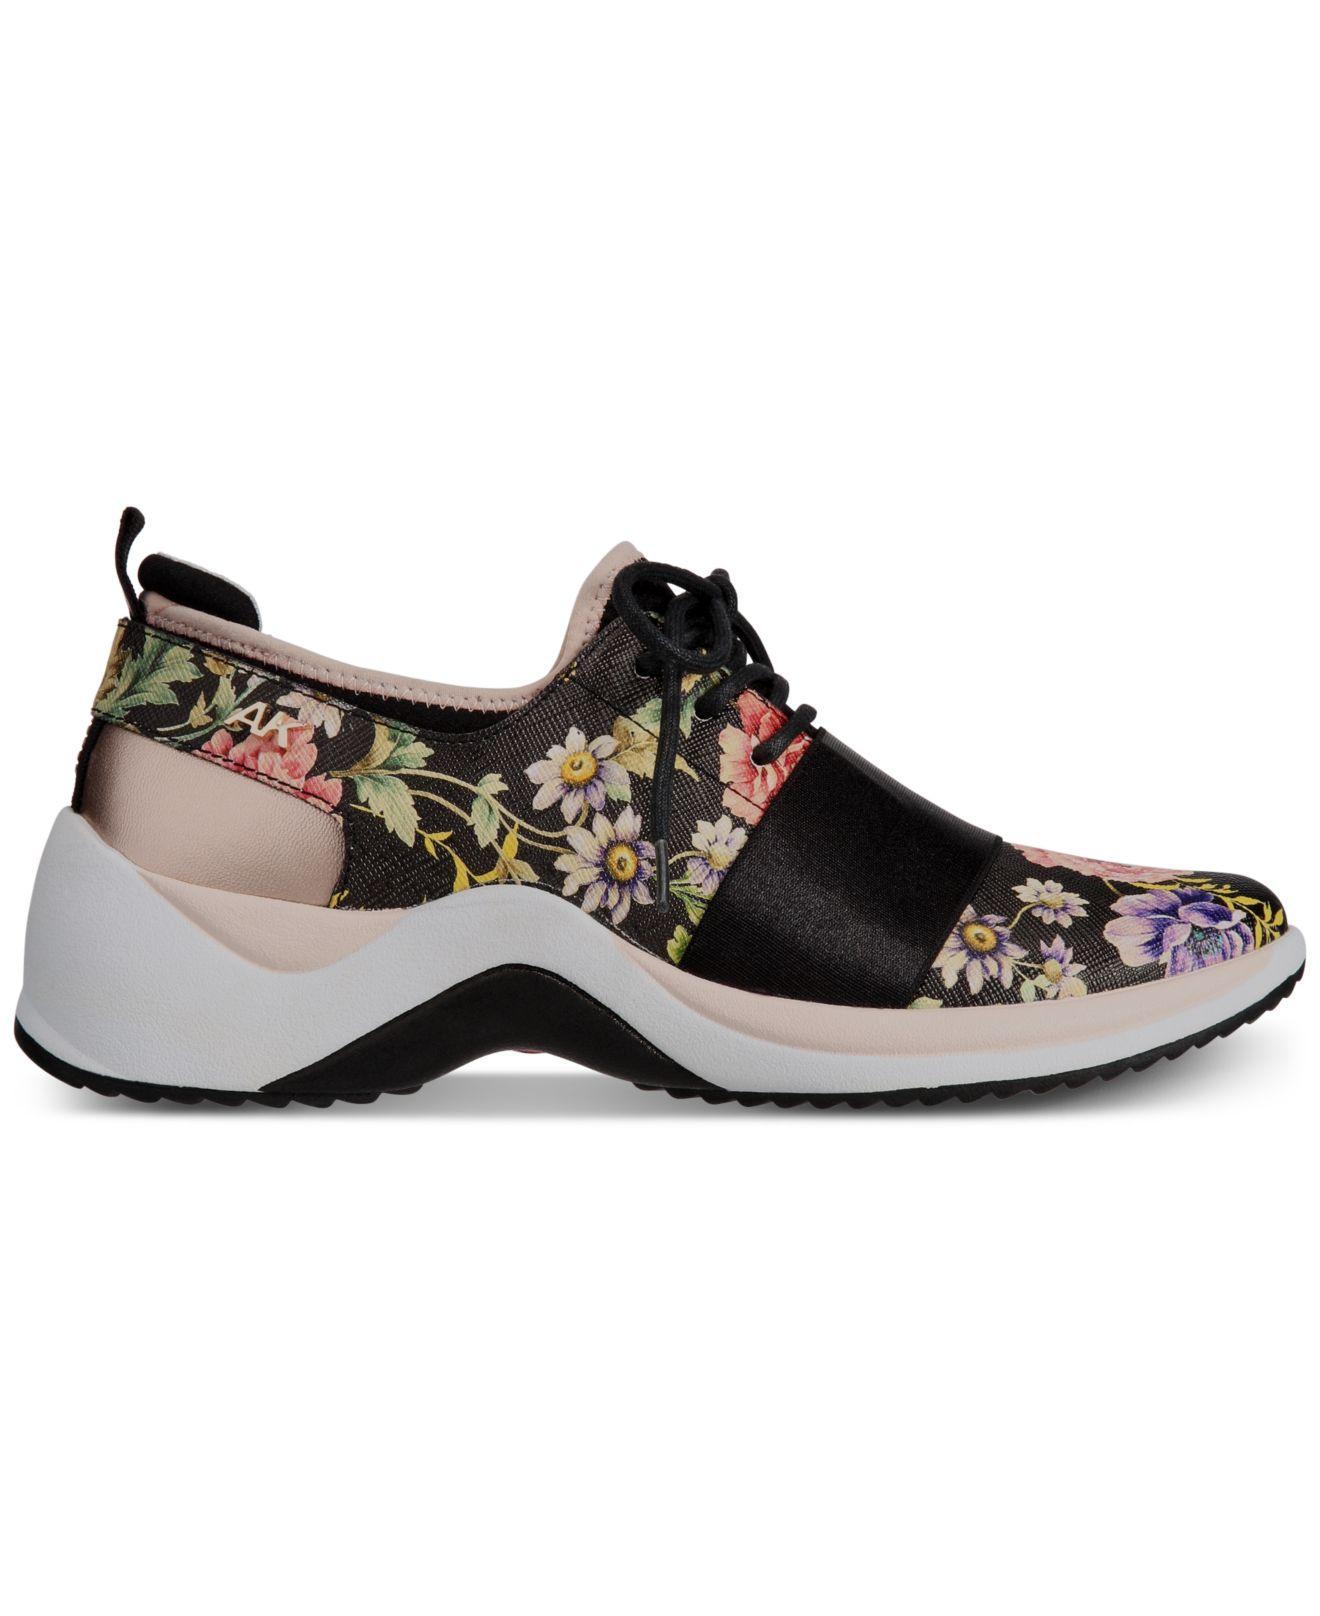 bd611c6e6de Lyst - Anne Klein The Daddy Sneakers in Black